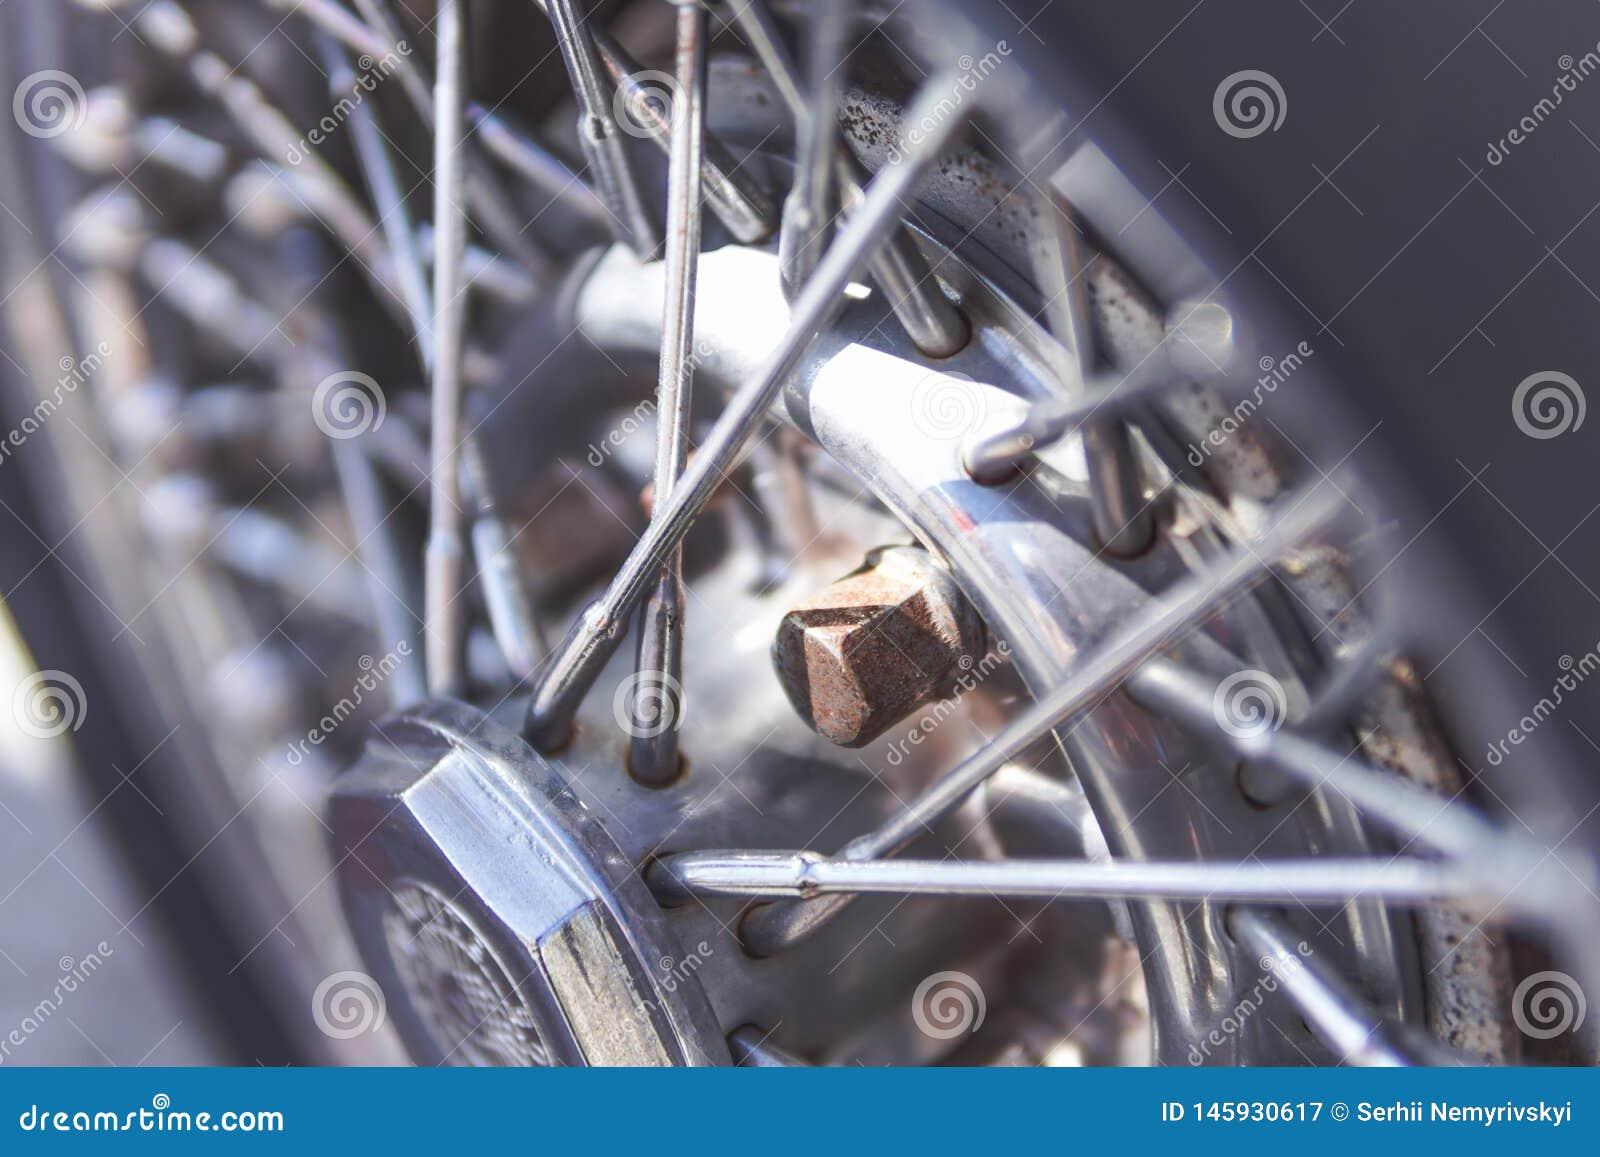 汽车的轮子的细节,老朋友